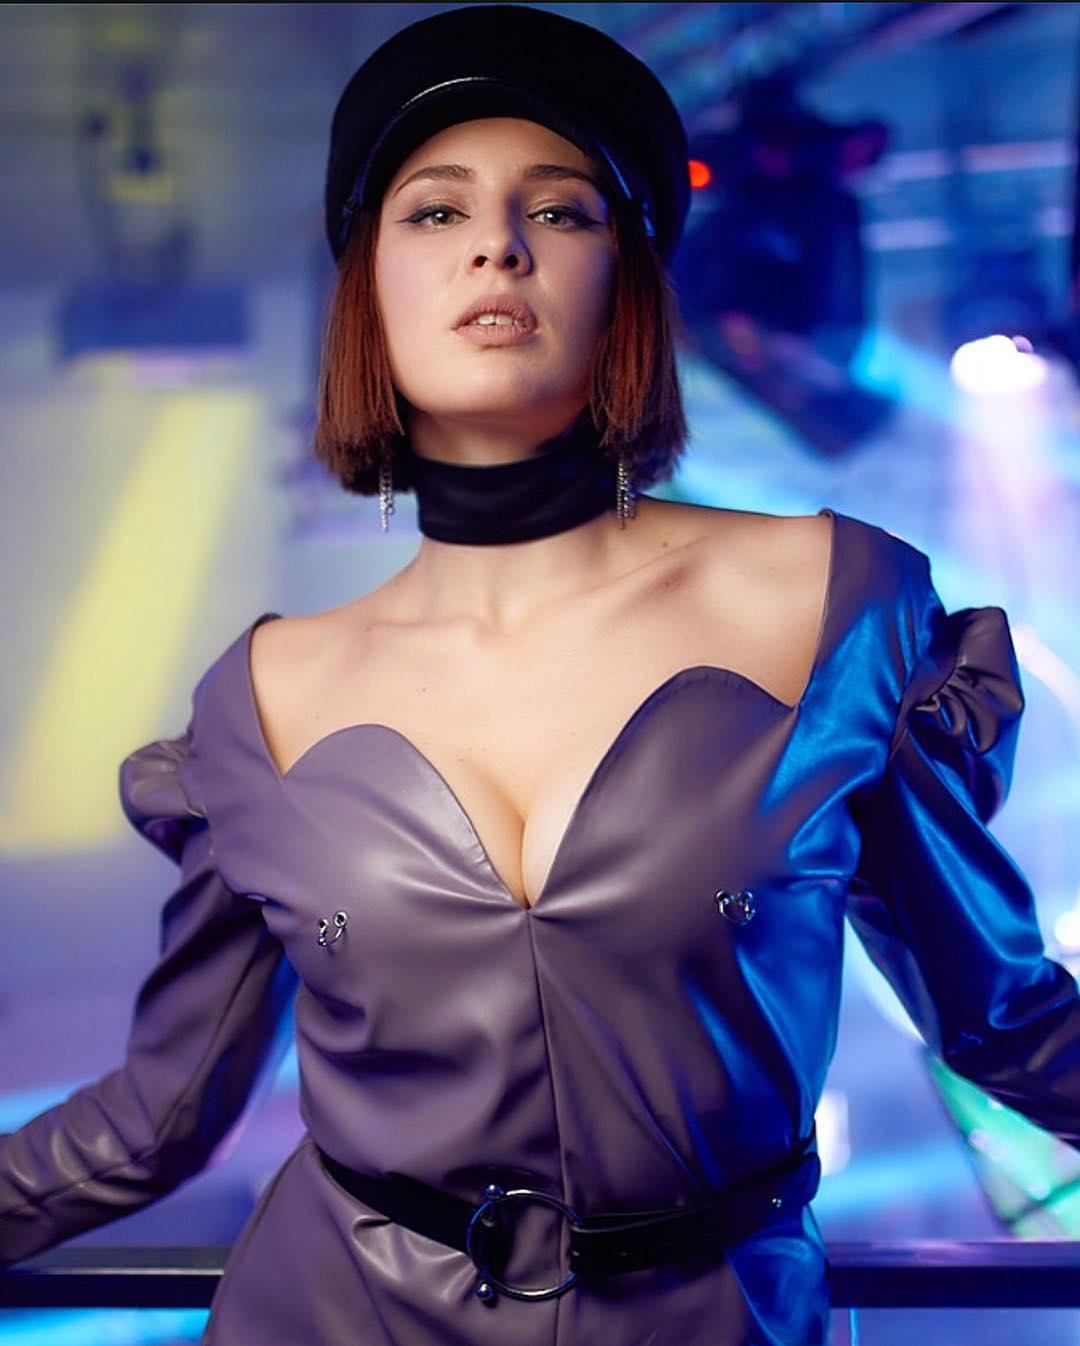 Фаворитка Нацотбора на Евровидение рассказала о работе в стриптиз-клубе